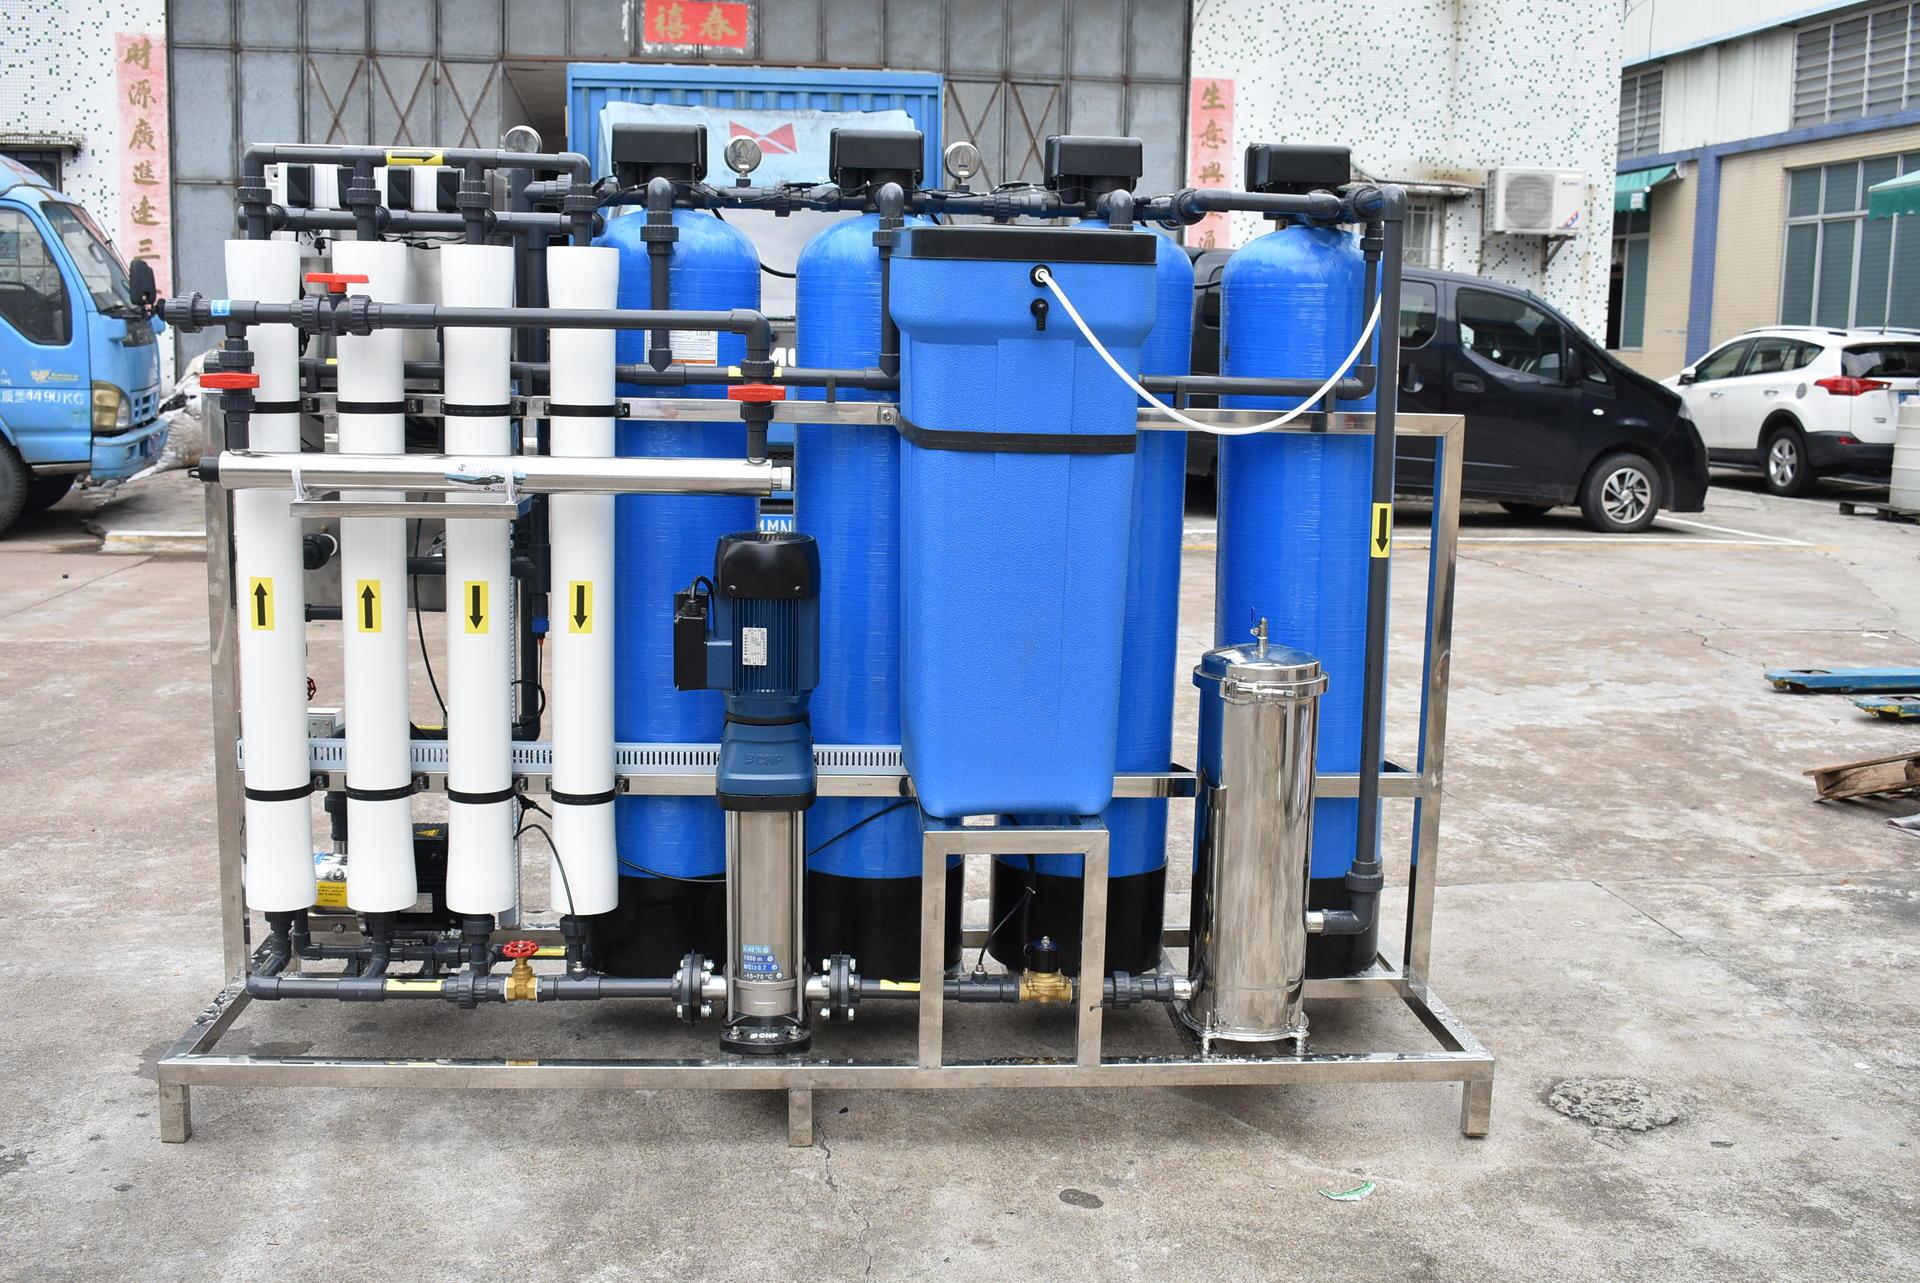 1000 liter per hour Reverse osmosis Filtro de agua para agua potable